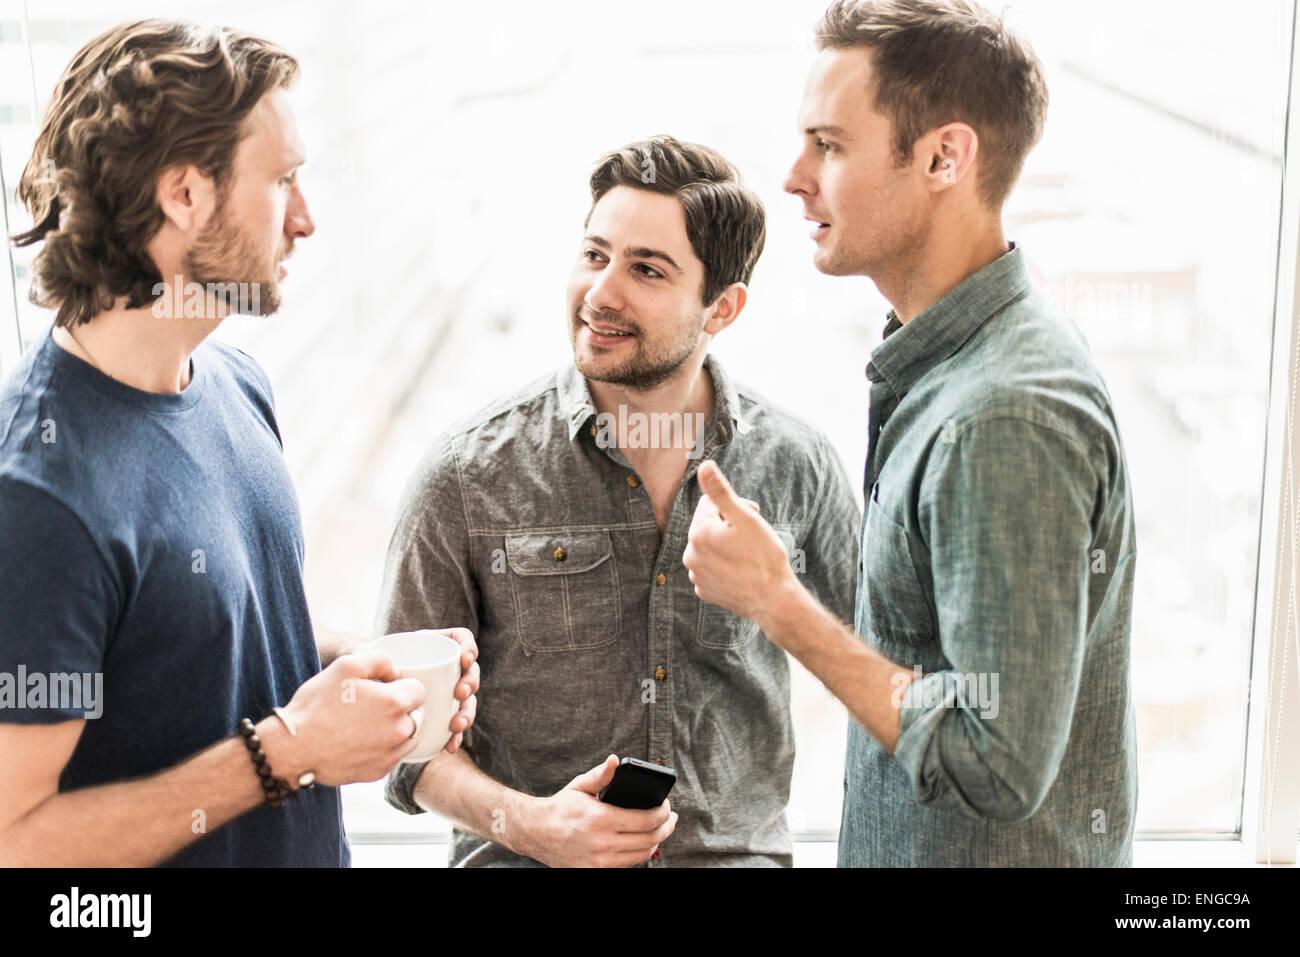 Tre uomini stavano in piedi parlando, uno con una tazza di caffè, uno con un telefono intelligente. Immagini Stock